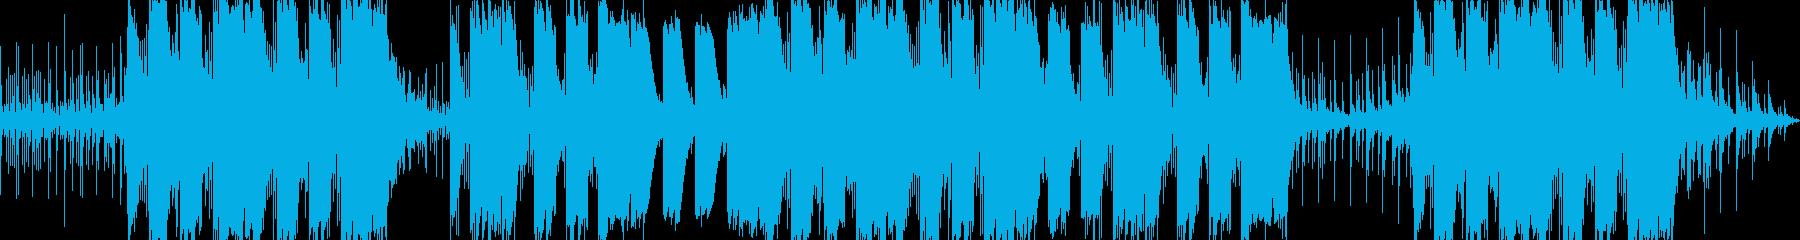 疾走感のあるシンセのエモトラップの再生済みの波形